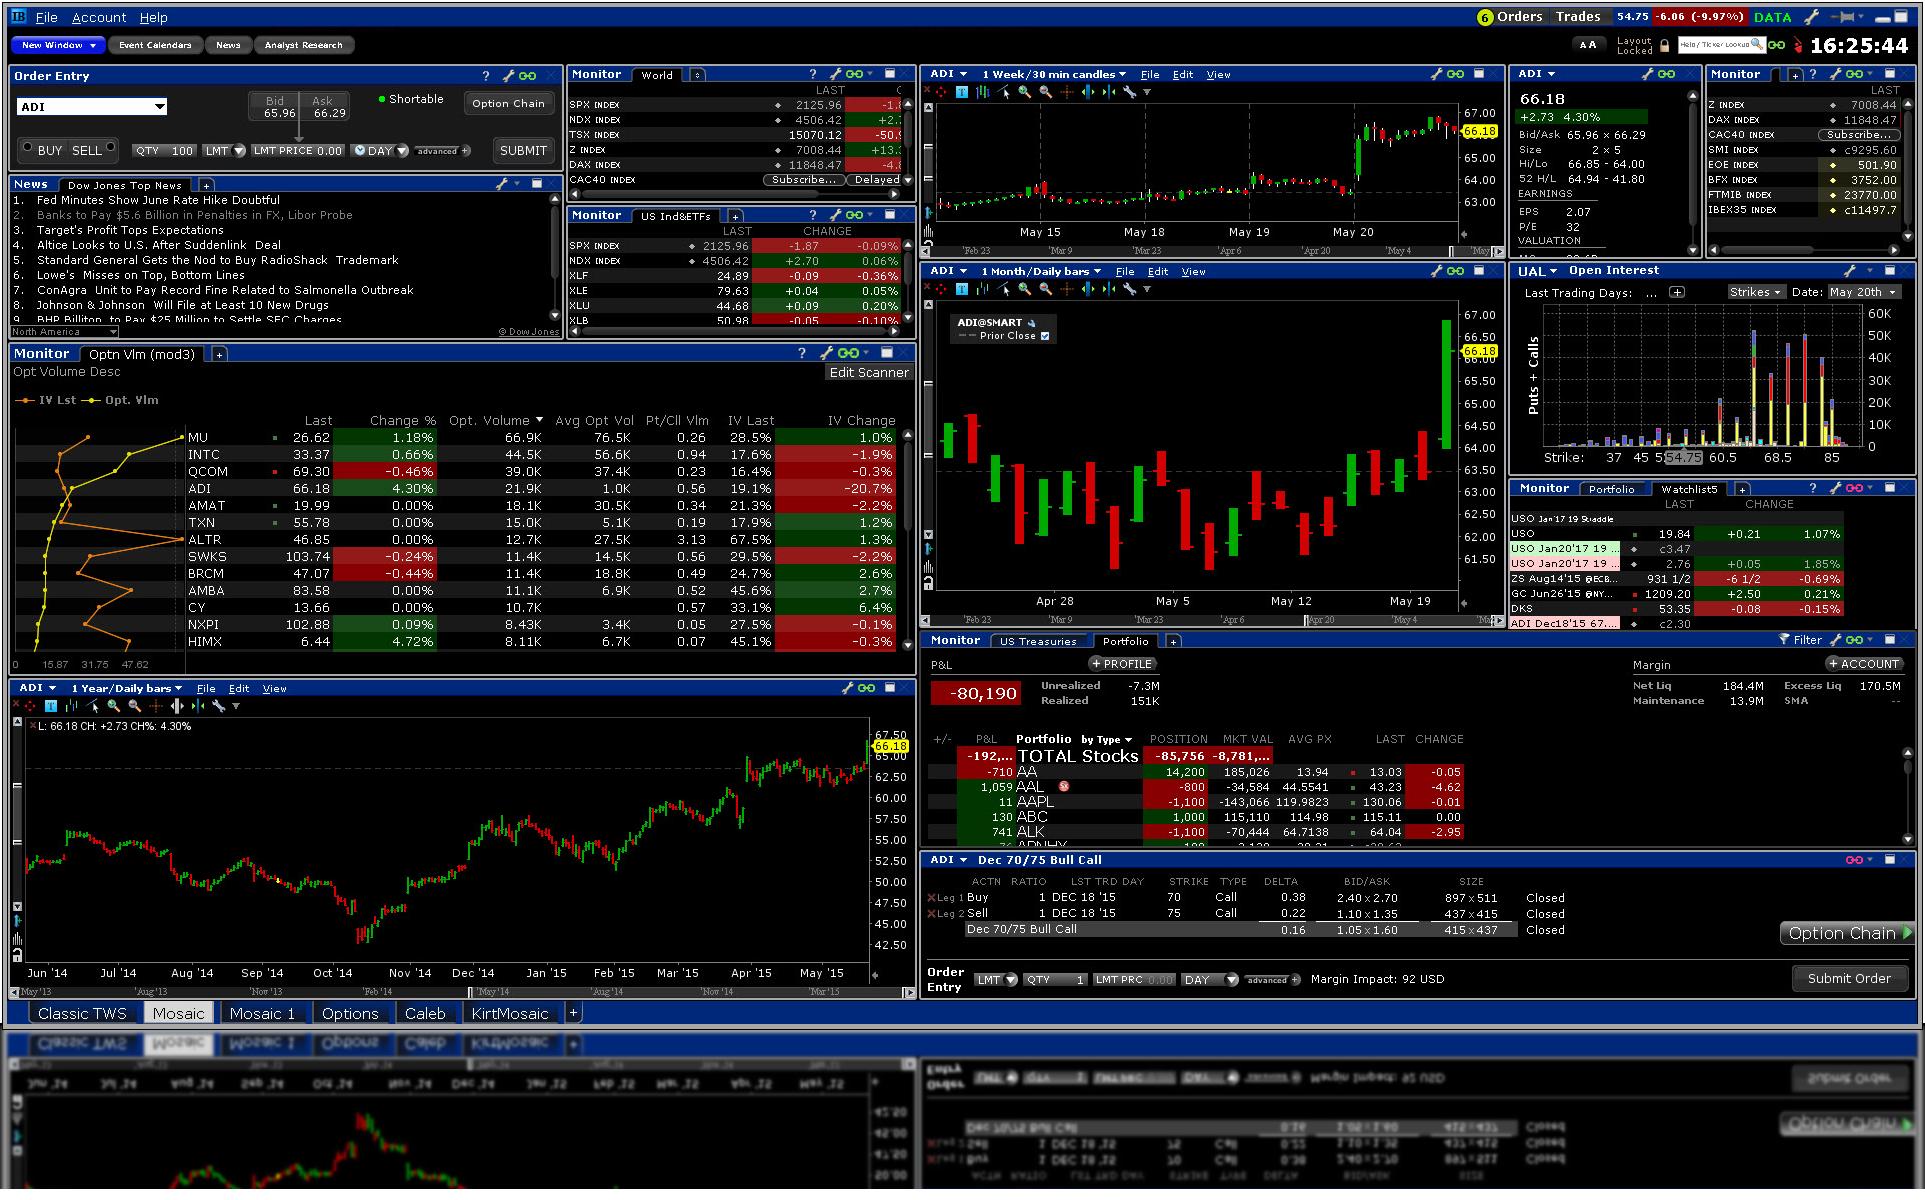 TWS Mosaic global trading platform.